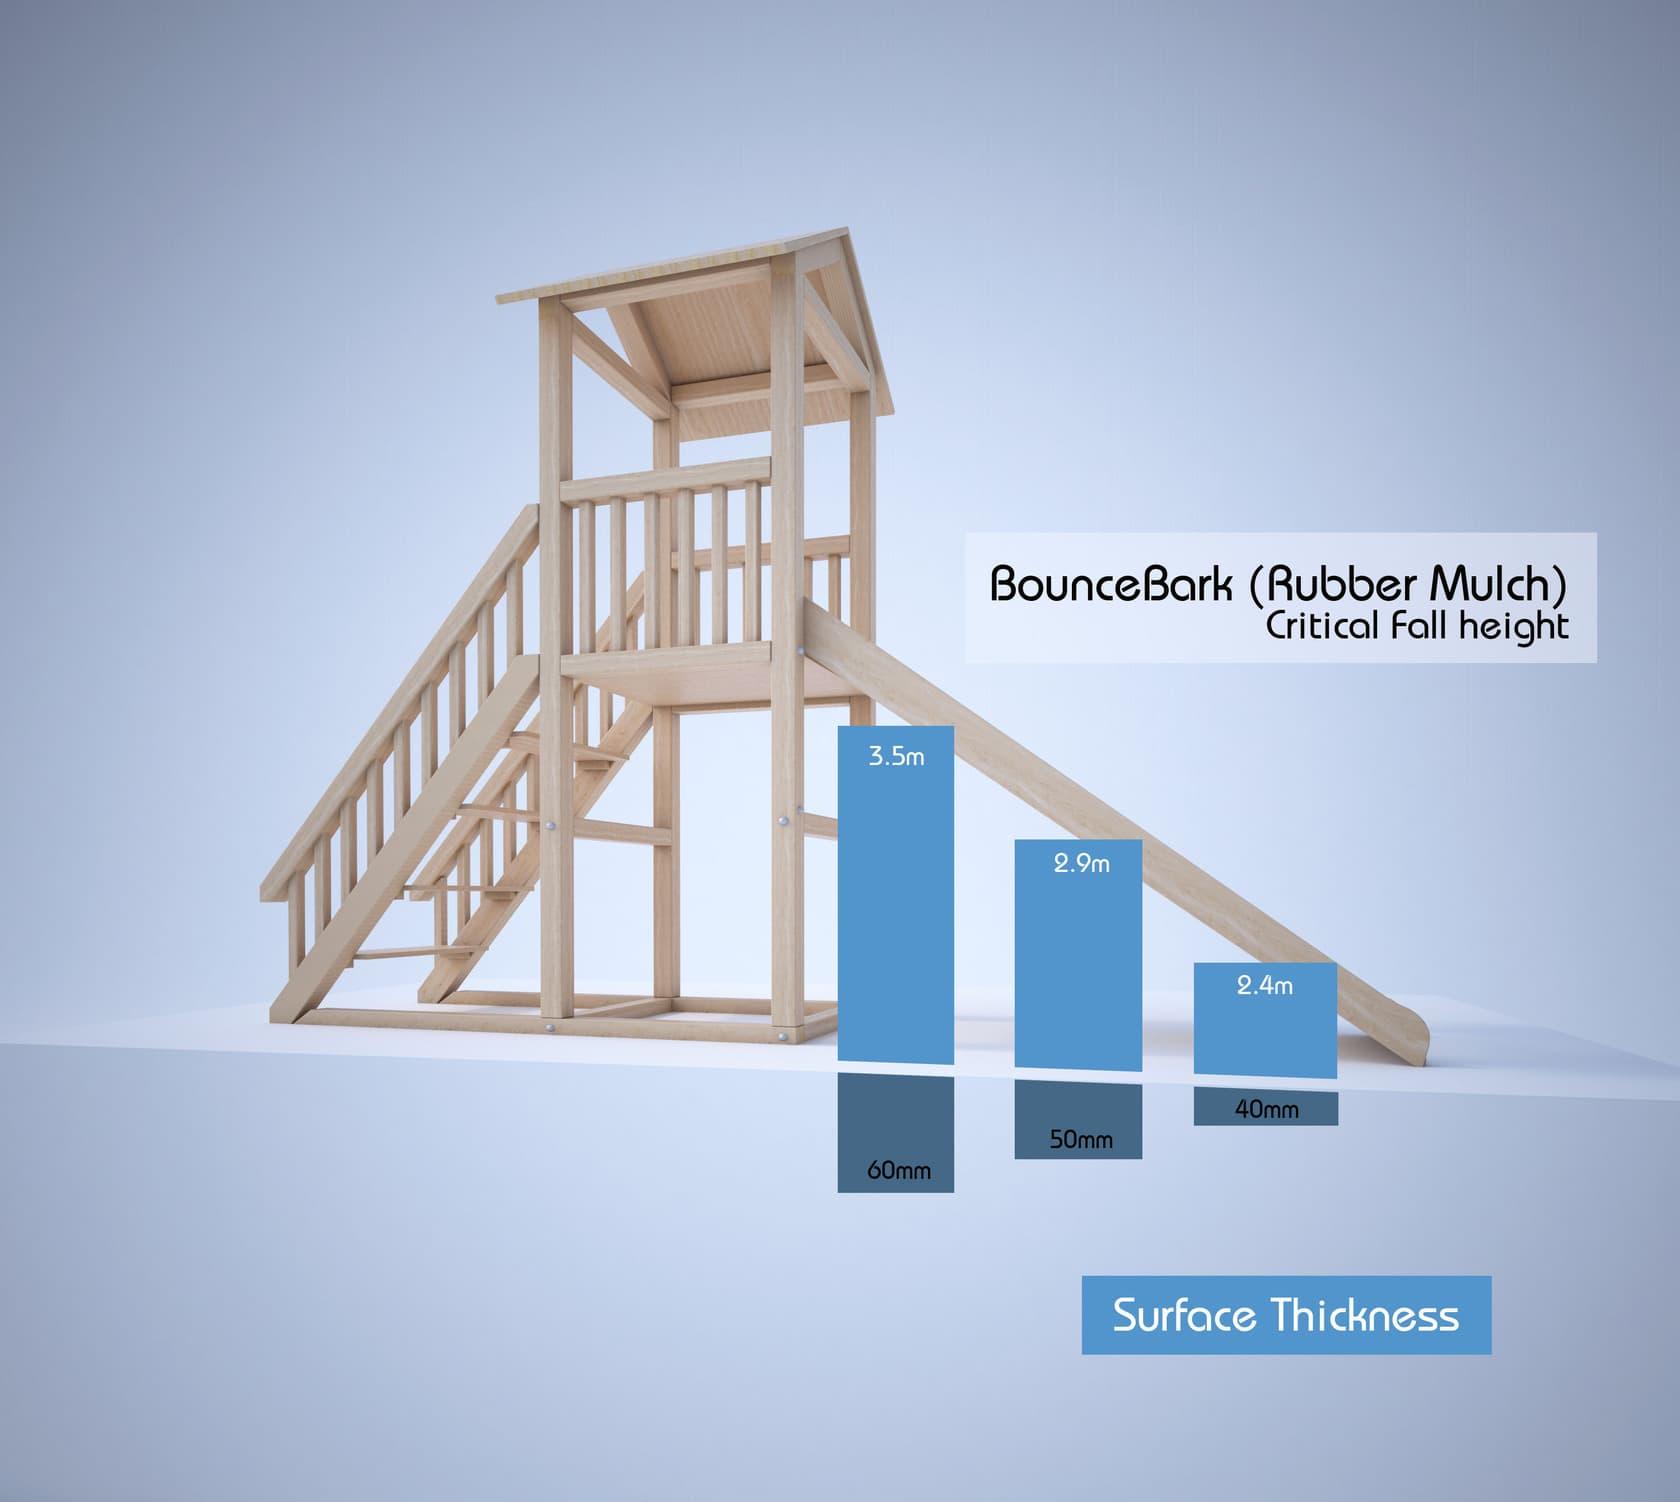 BounceBark Rubber Mulch Critical Fall Height